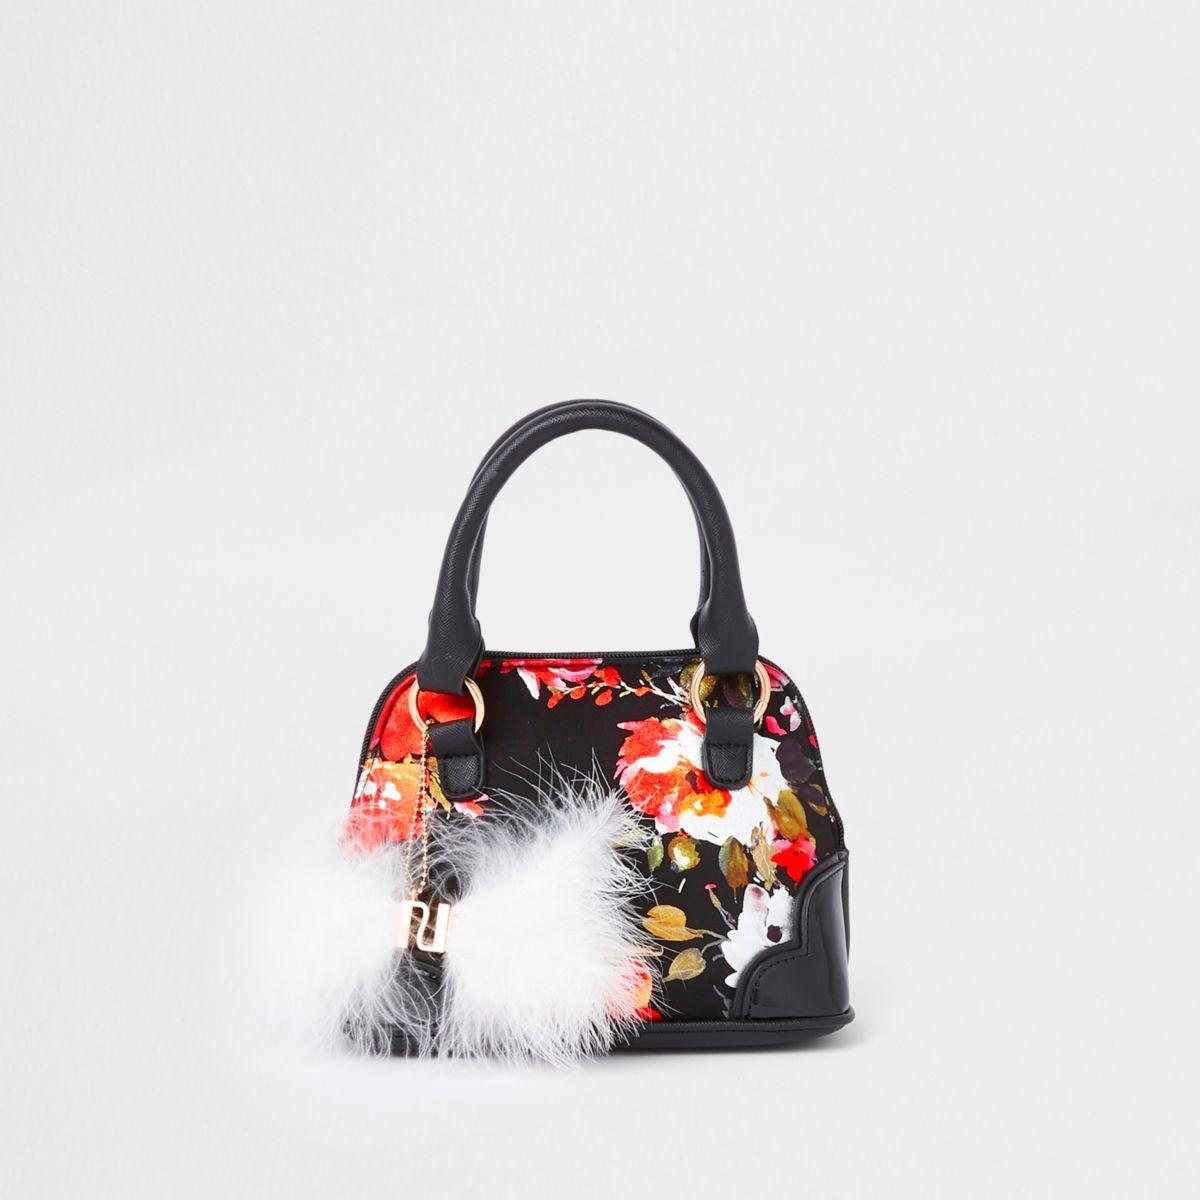 Girls black floral tote bag